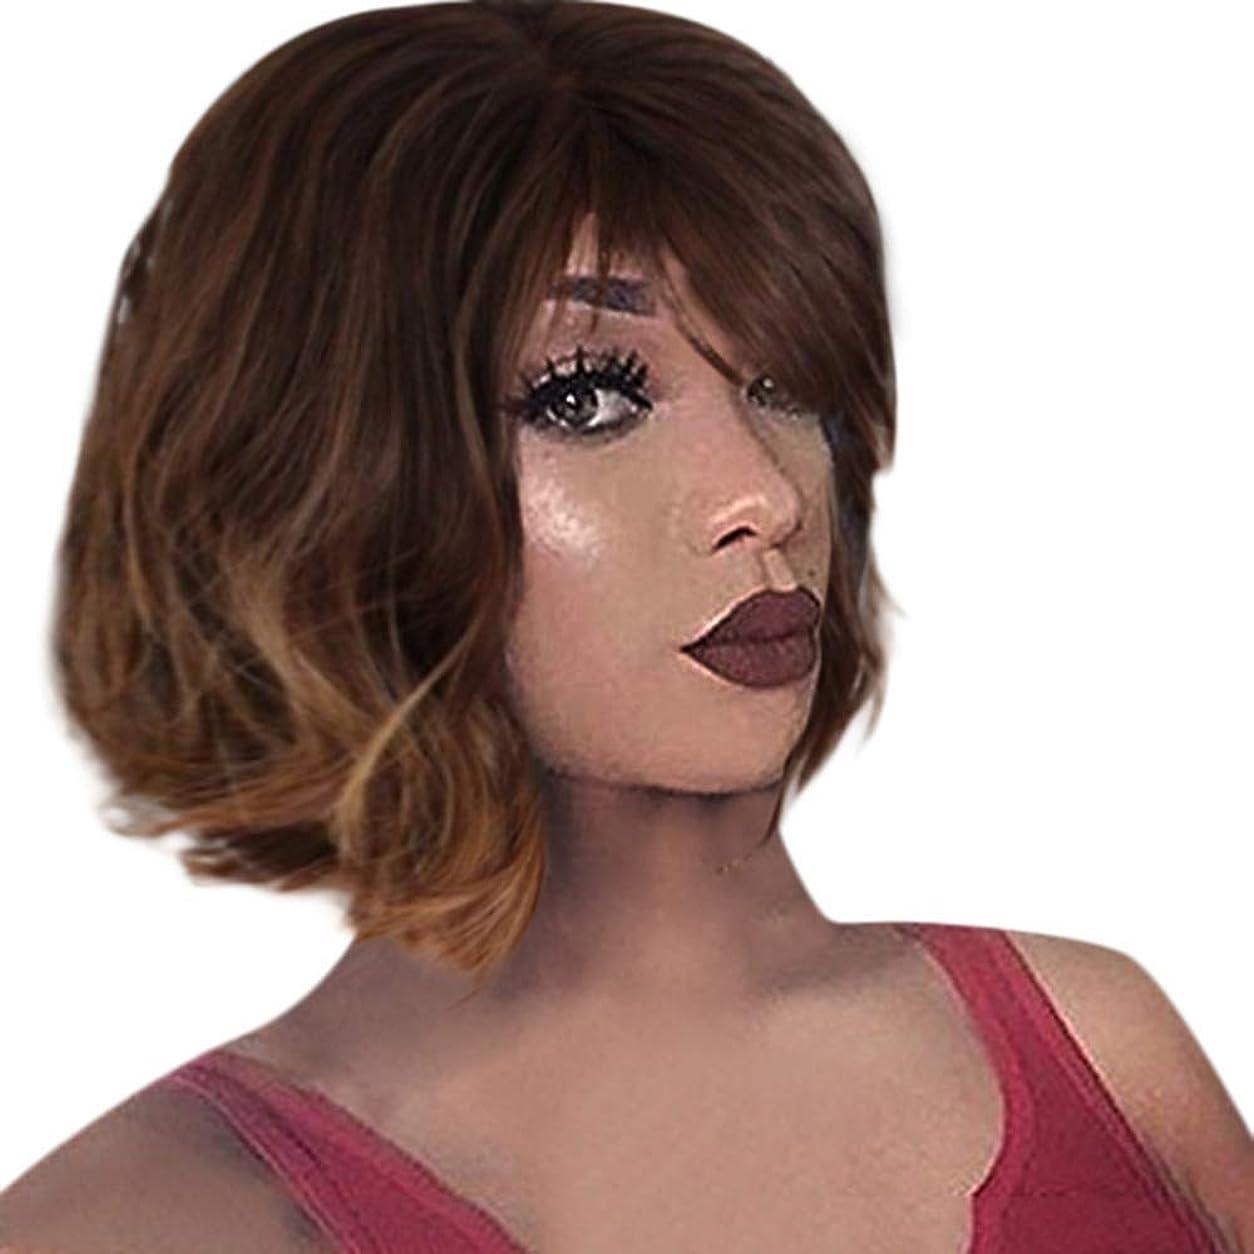 ベルベットケイ素家ファッション茶色のかつら短い巻き毛ボブかつらローズネット